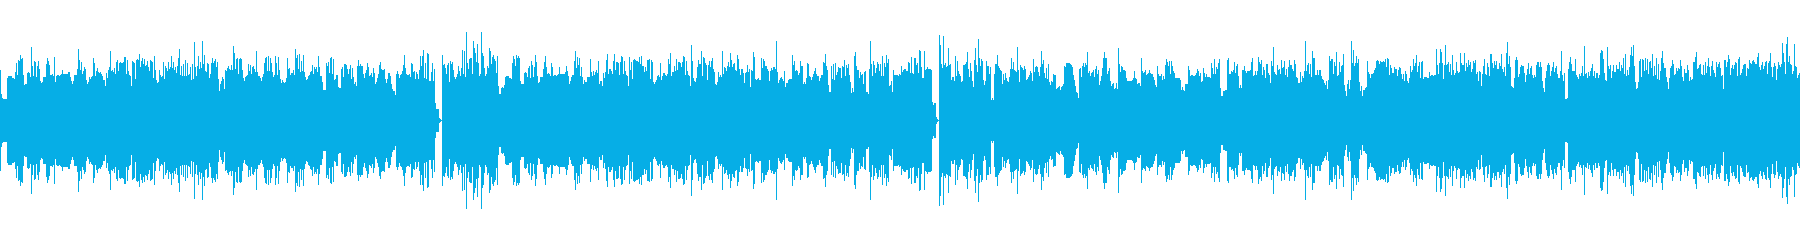 ファミコン、アクションゲーム風BGMの再生済みの波形